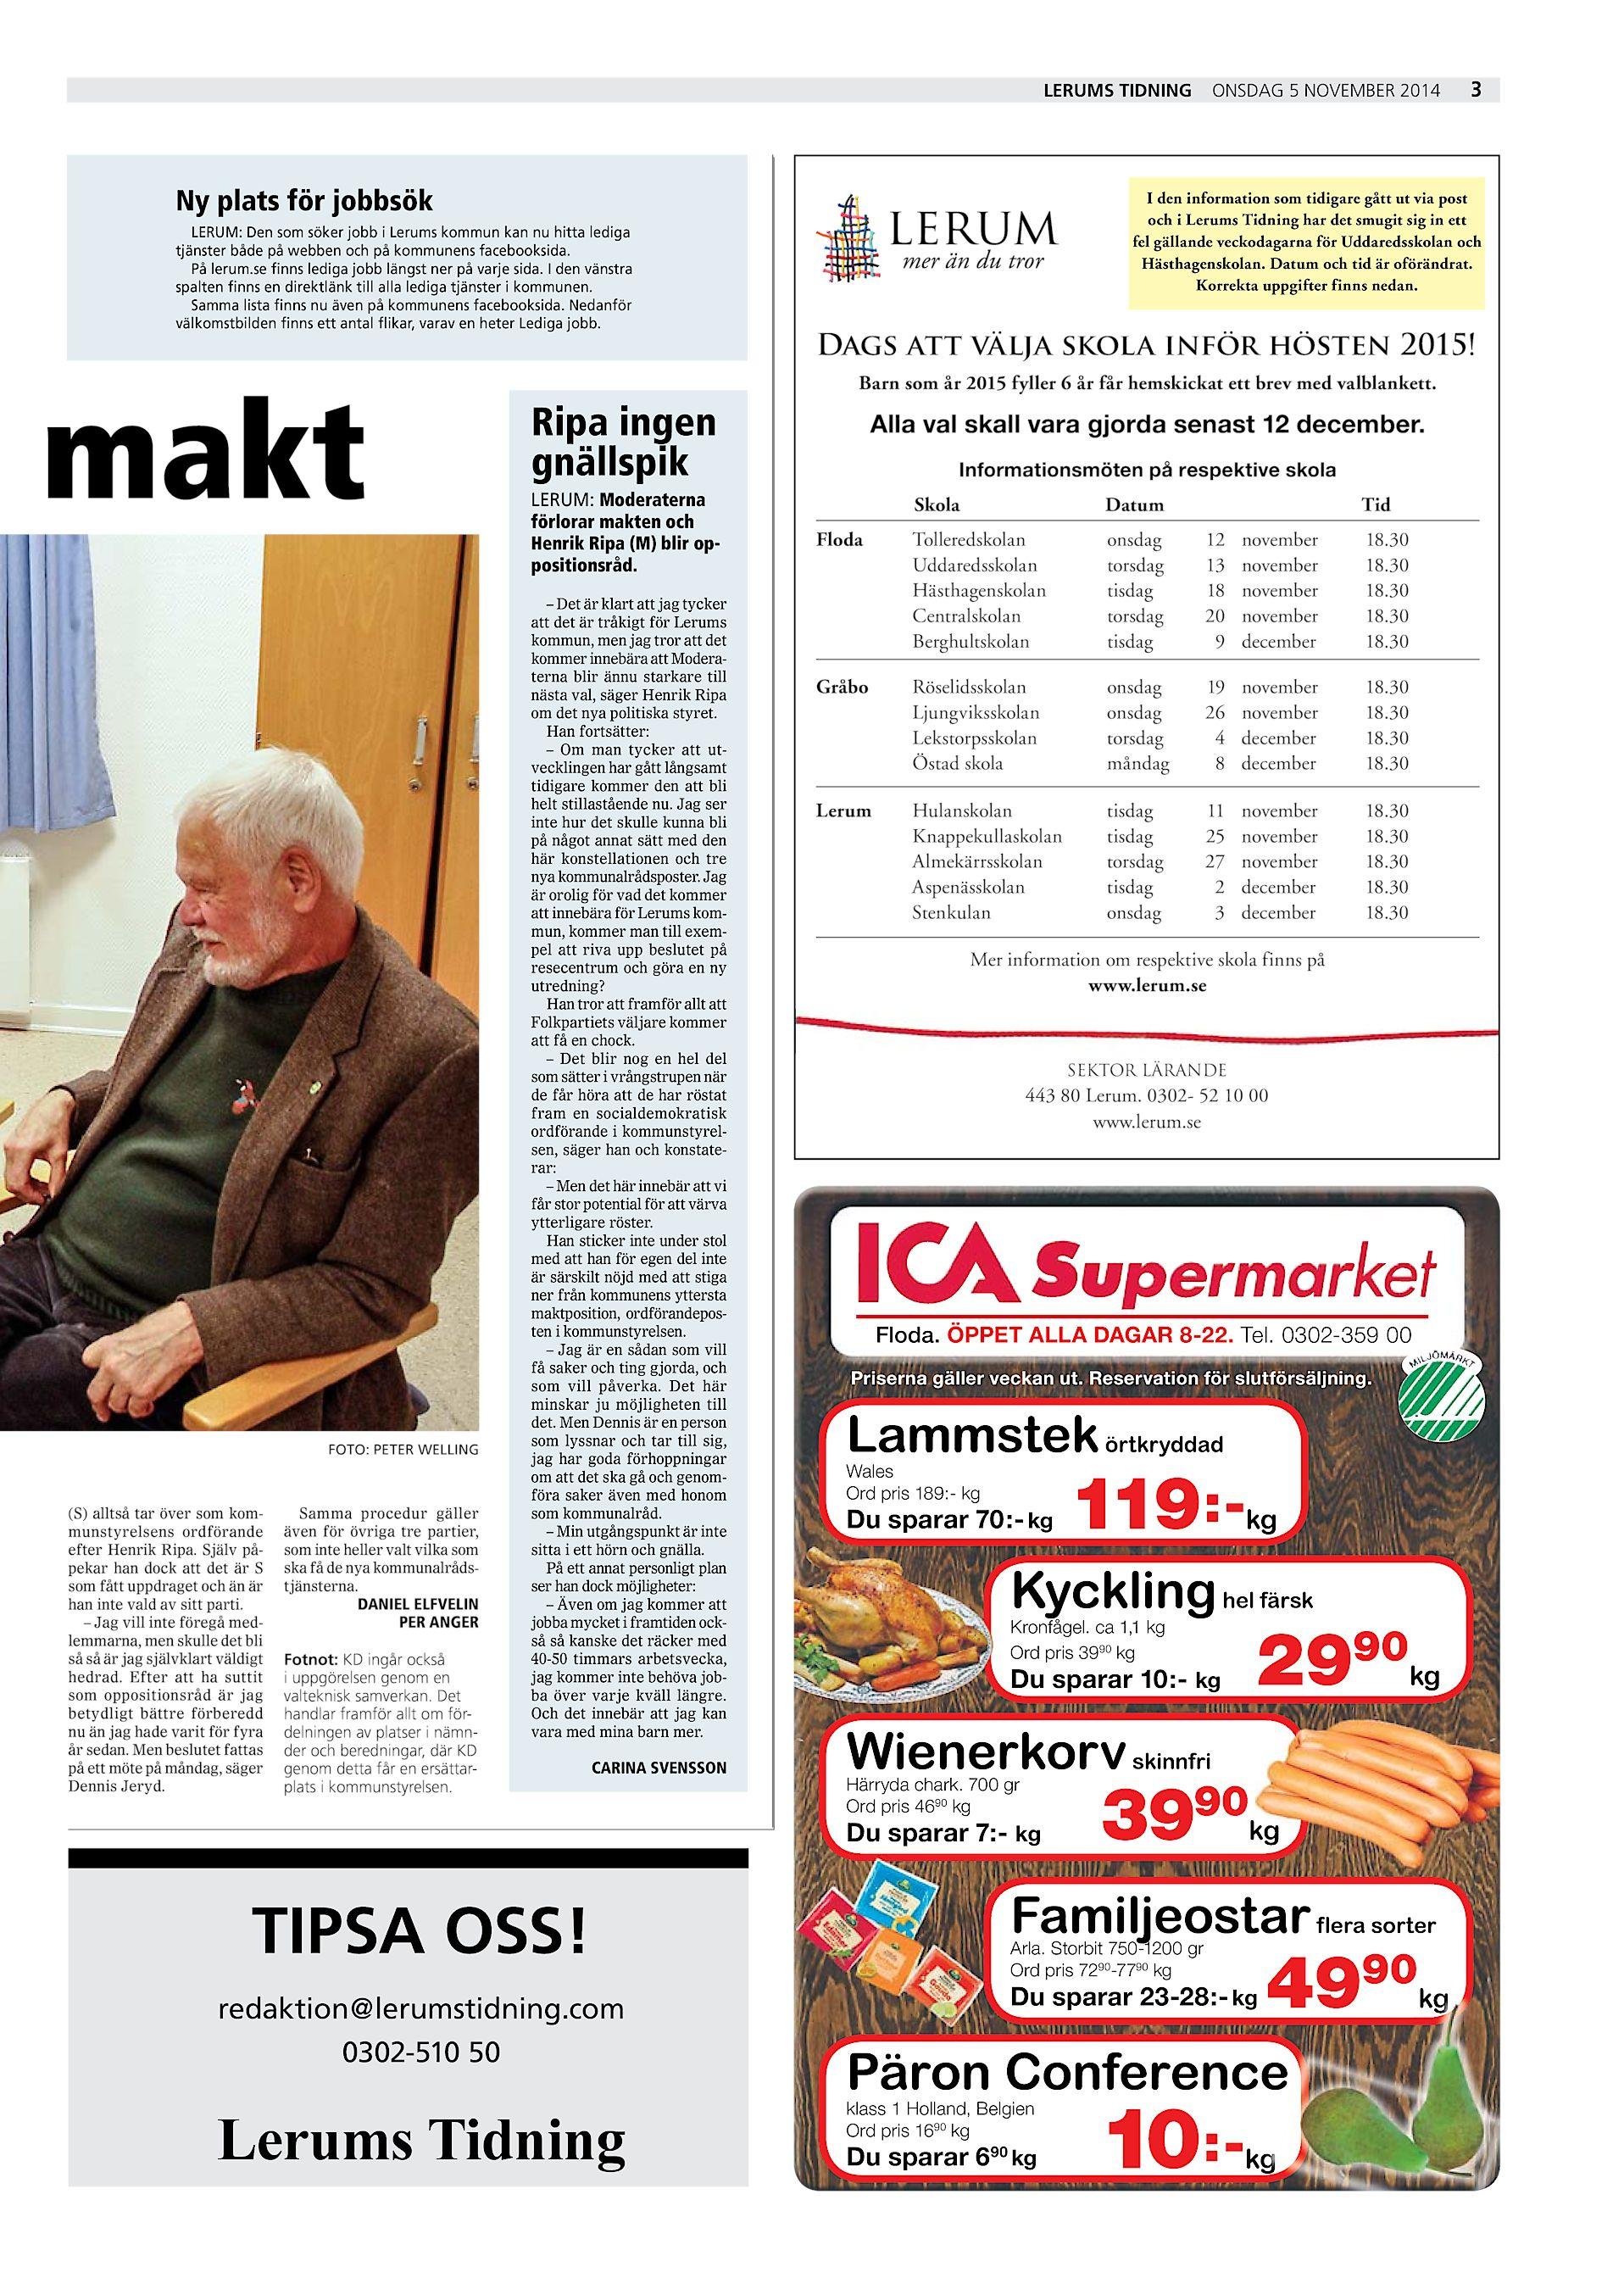 Lerums Tidning Ny plats för jobbsök LERUM  Den som söker jobb i Lerums  kommun kan nu hitta lediga tjänster både på webben och på kommunens  facebooksida. 59efd71fd1881